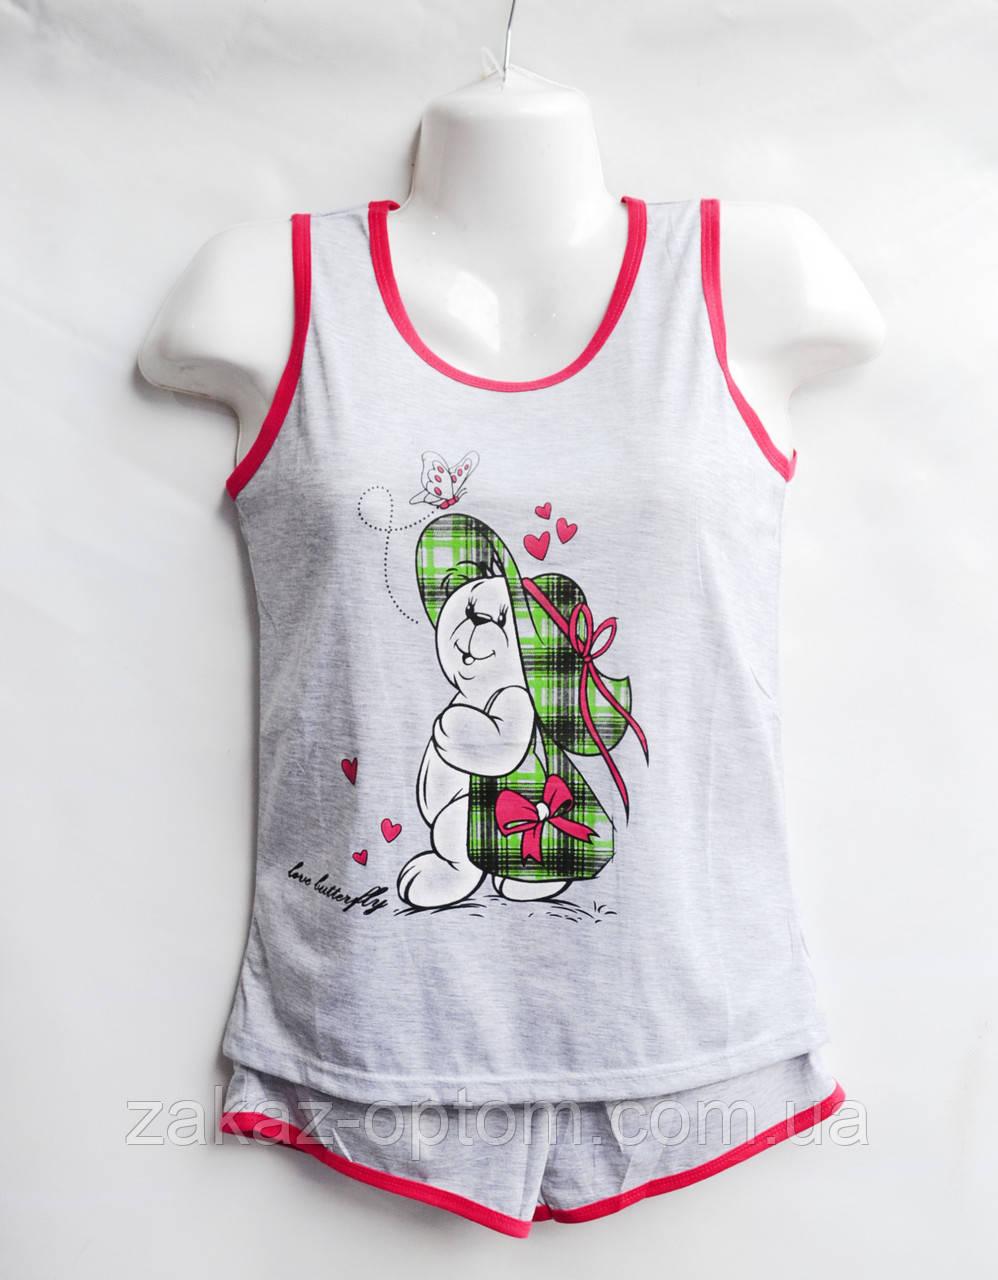 Пижама женская оптом 100%Cotton (XL-4XL) B40-50104